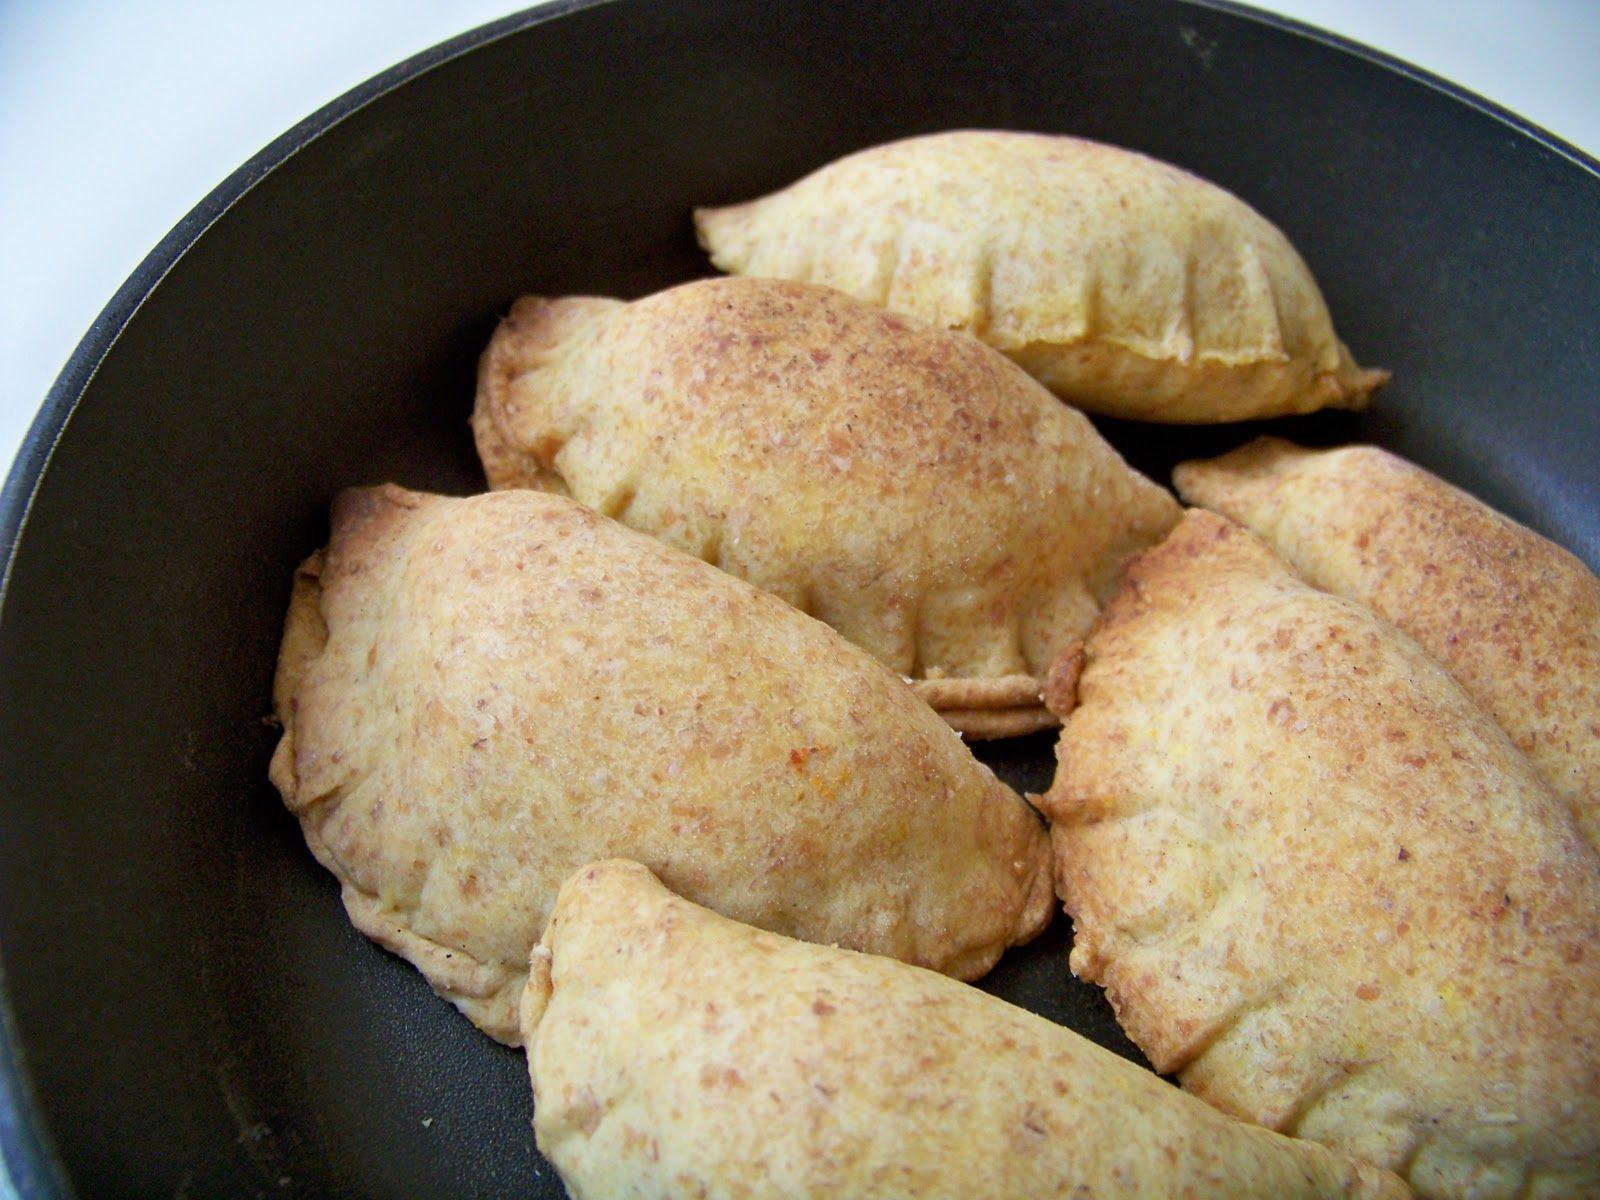 Trainee de cozinheira: Pastel integral de cenoura com ricota (forno)